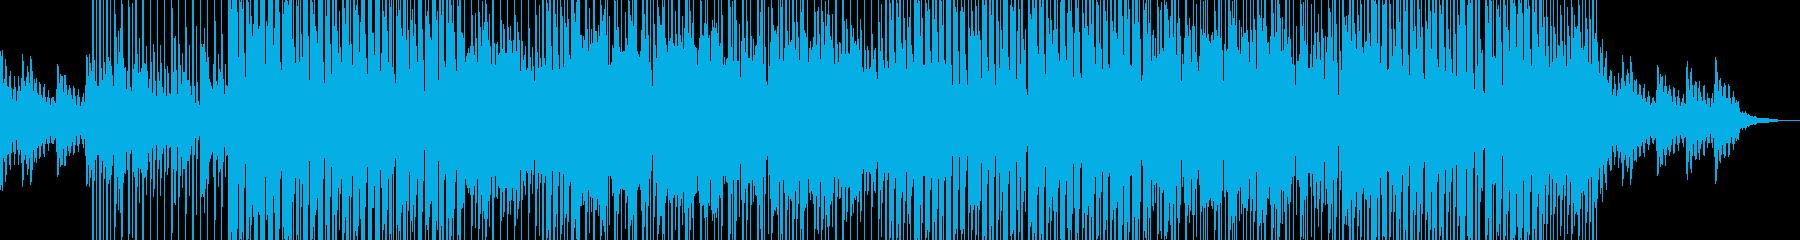 ファンク おしゃれ ビンテージ リ...の再生済みの波形